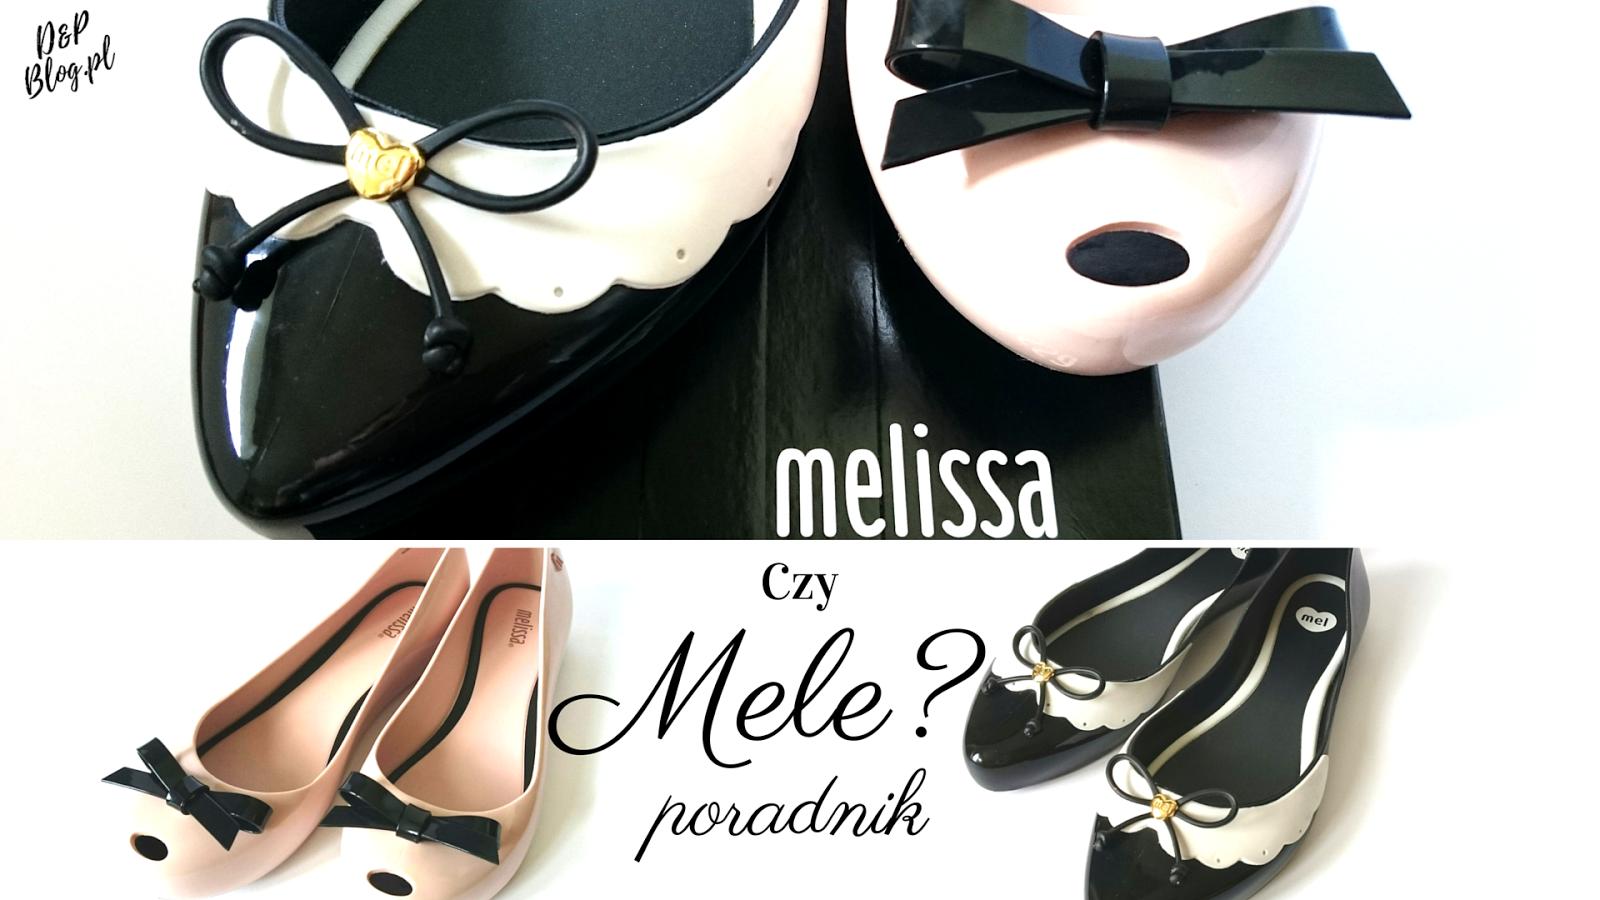 Melissy a Mel - jaka jest różnica między nimi?